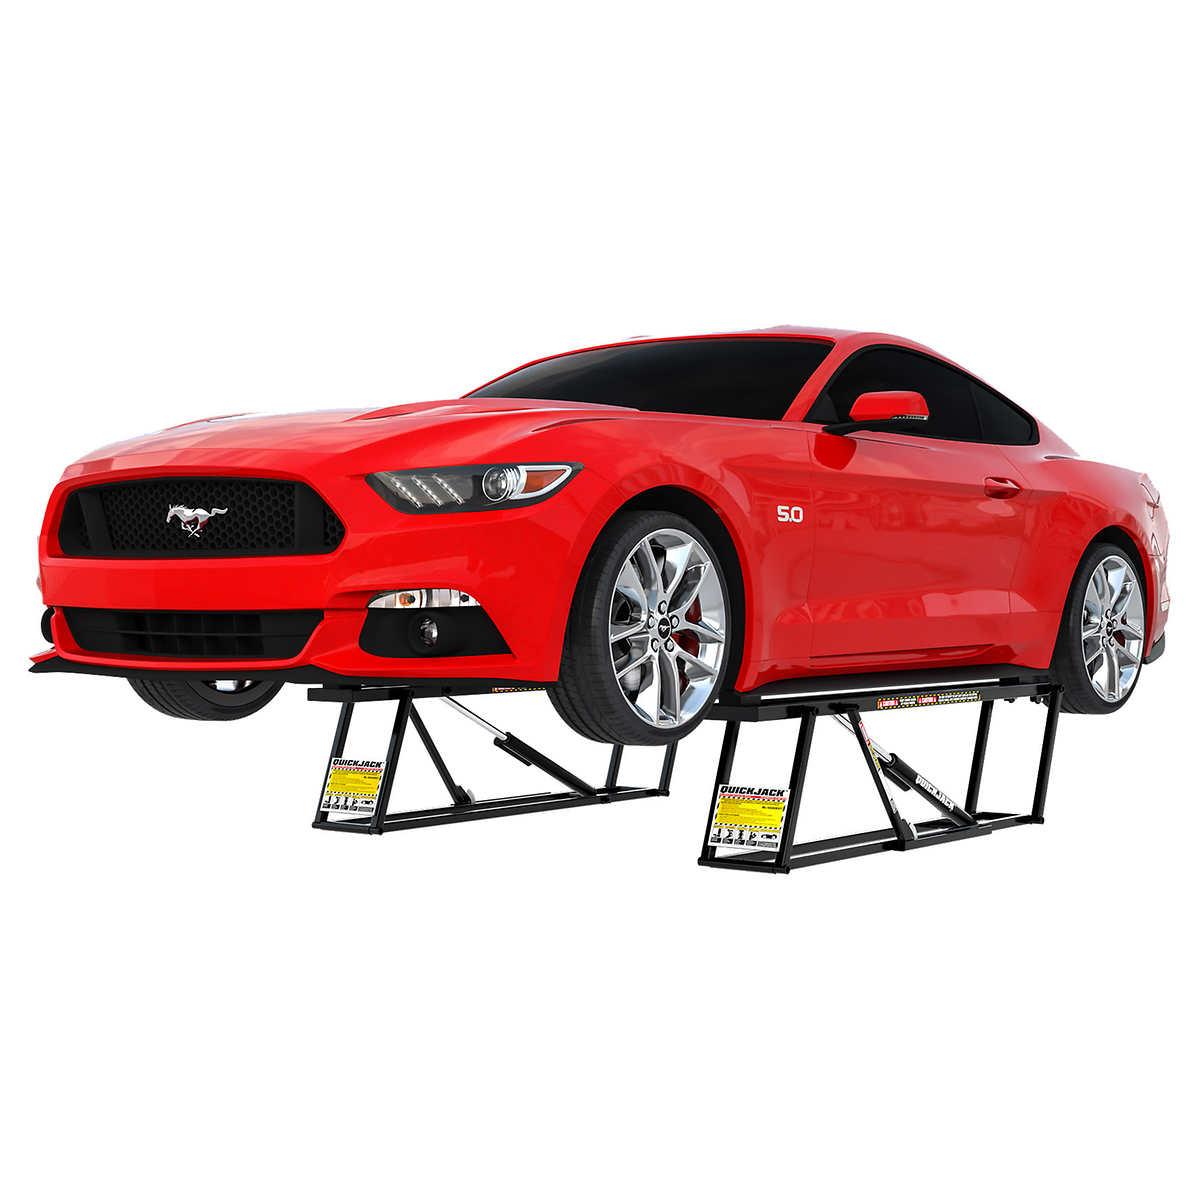 Quickjack 5 000 Lb Capacity Portable Car Lift